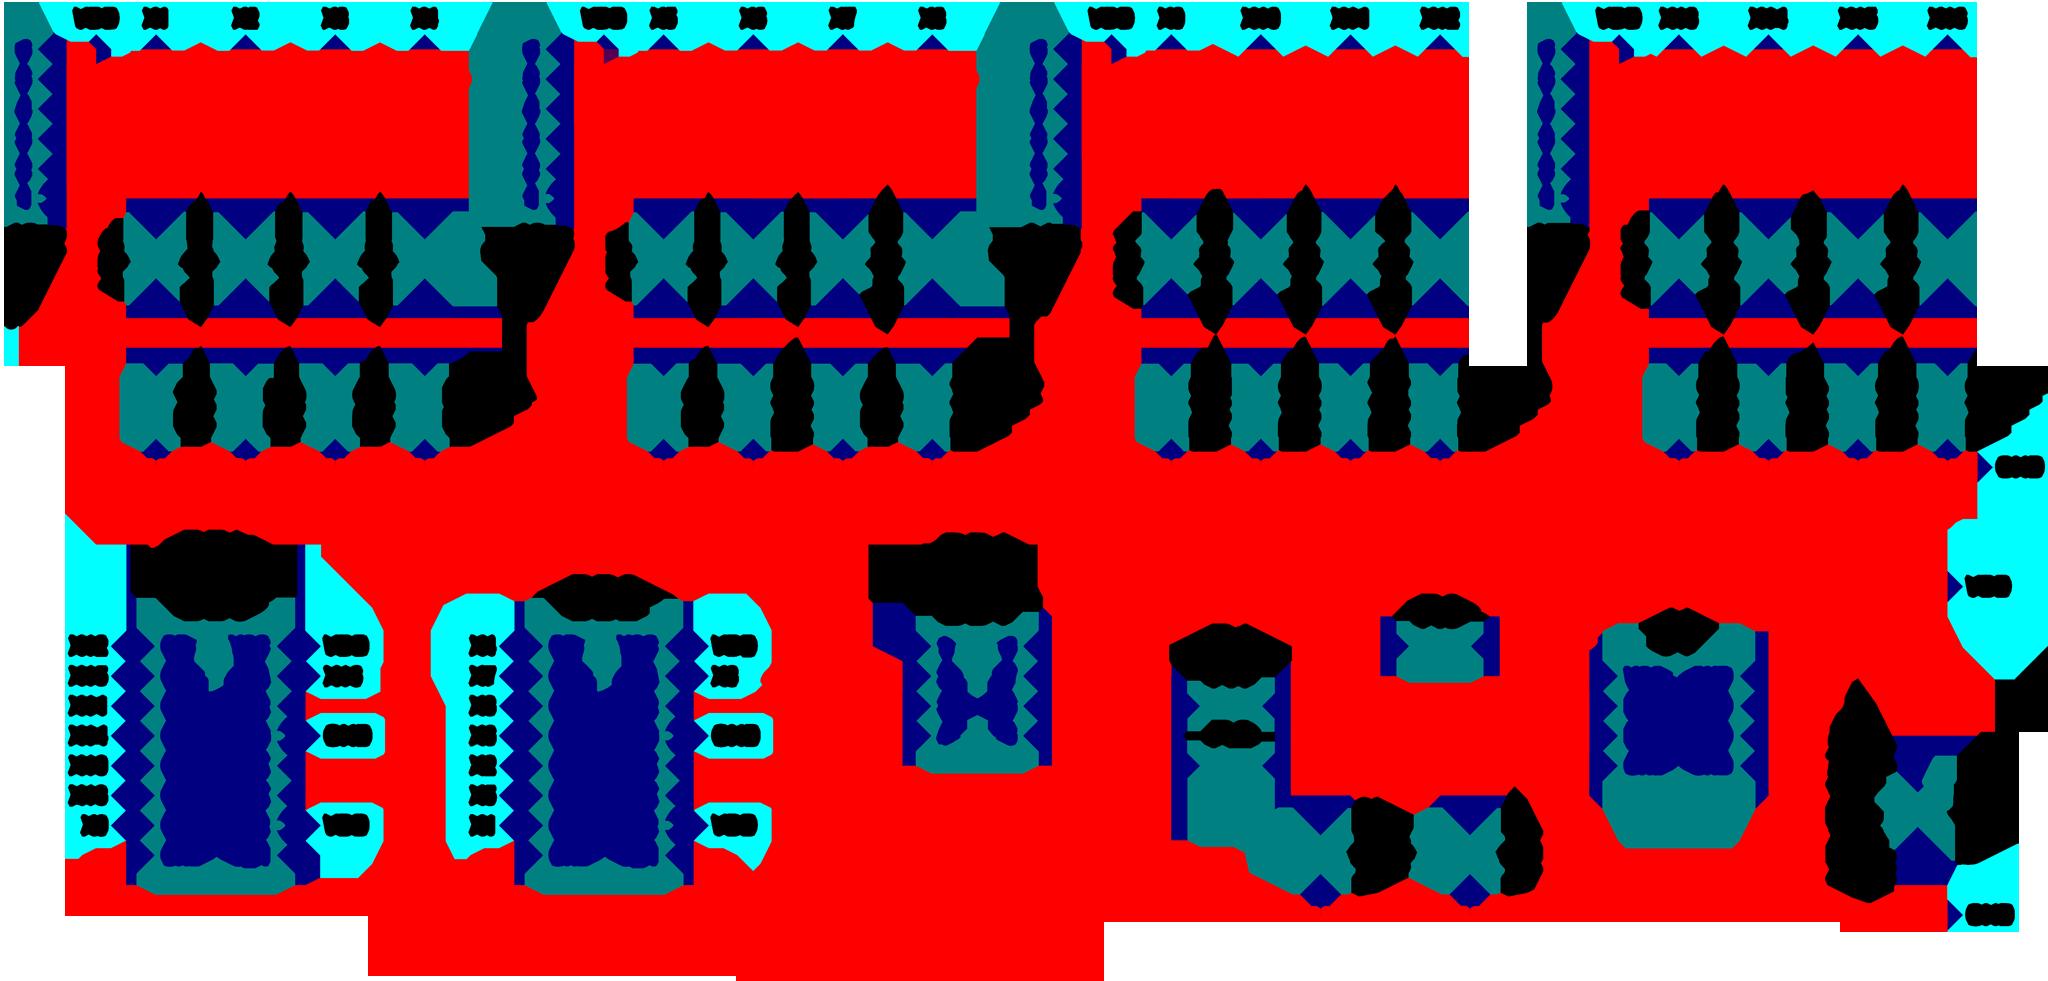 схема дистанционного управления нагрузкоми